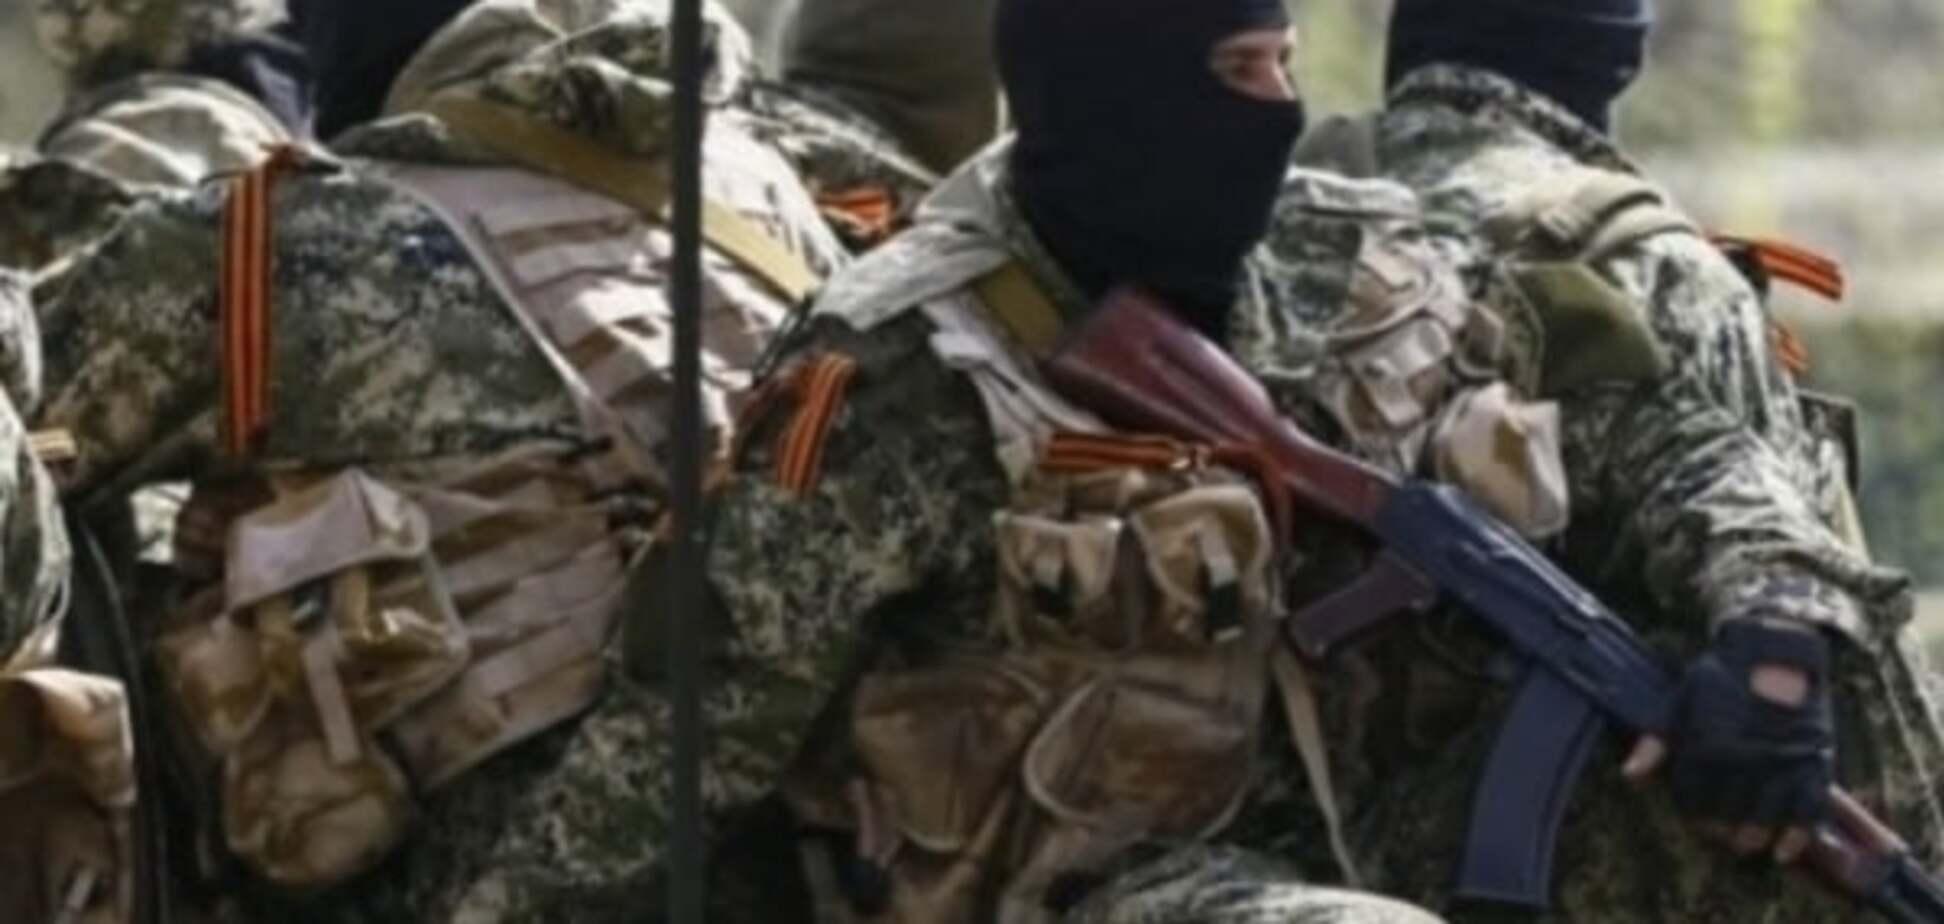 Вони не справляються: генерал заявив, що терористи не в змозі виконати завдання Путіна